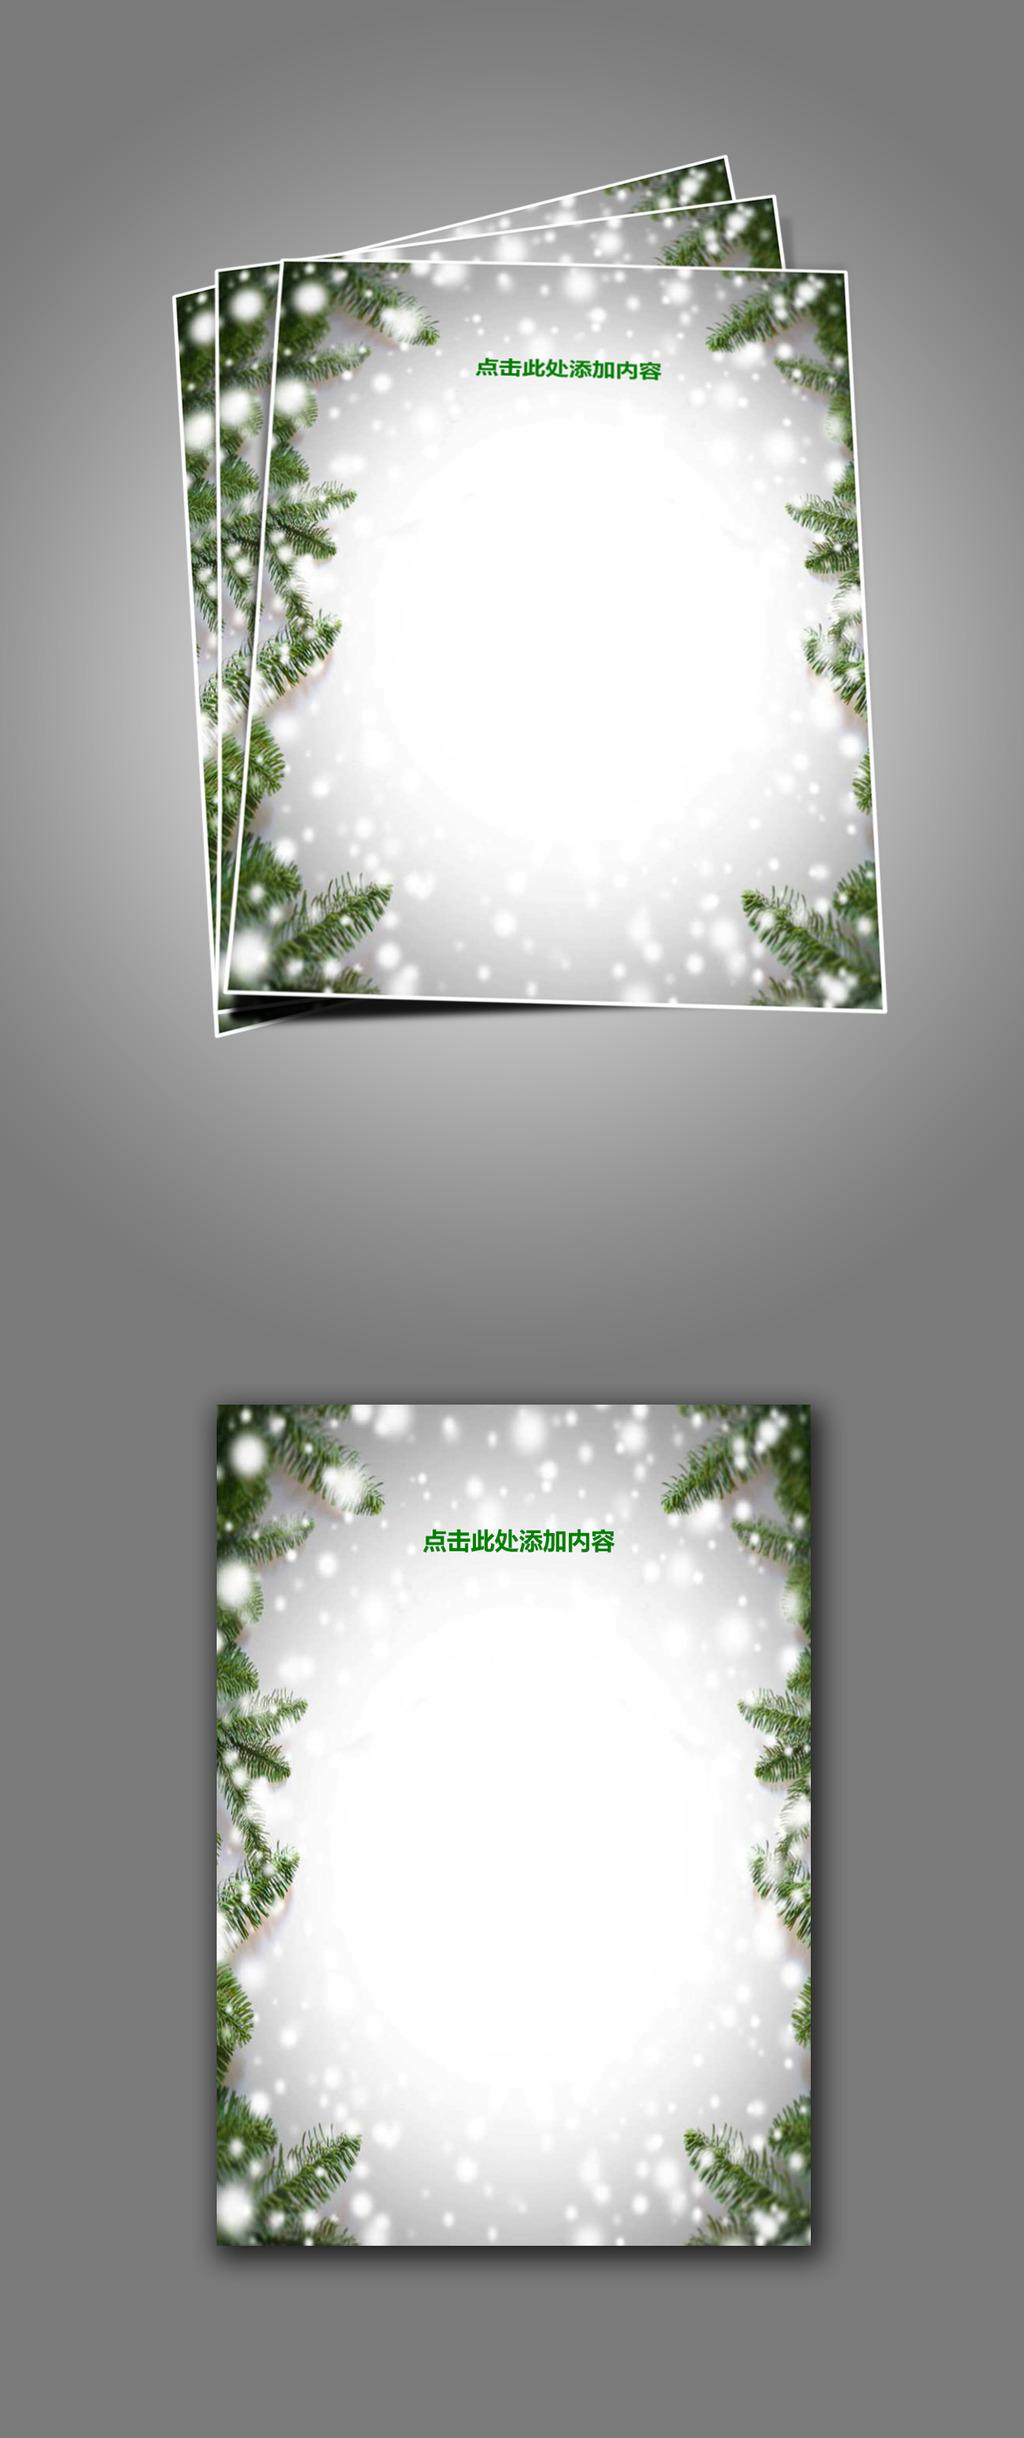 圣诞信纸模板模板下载图片